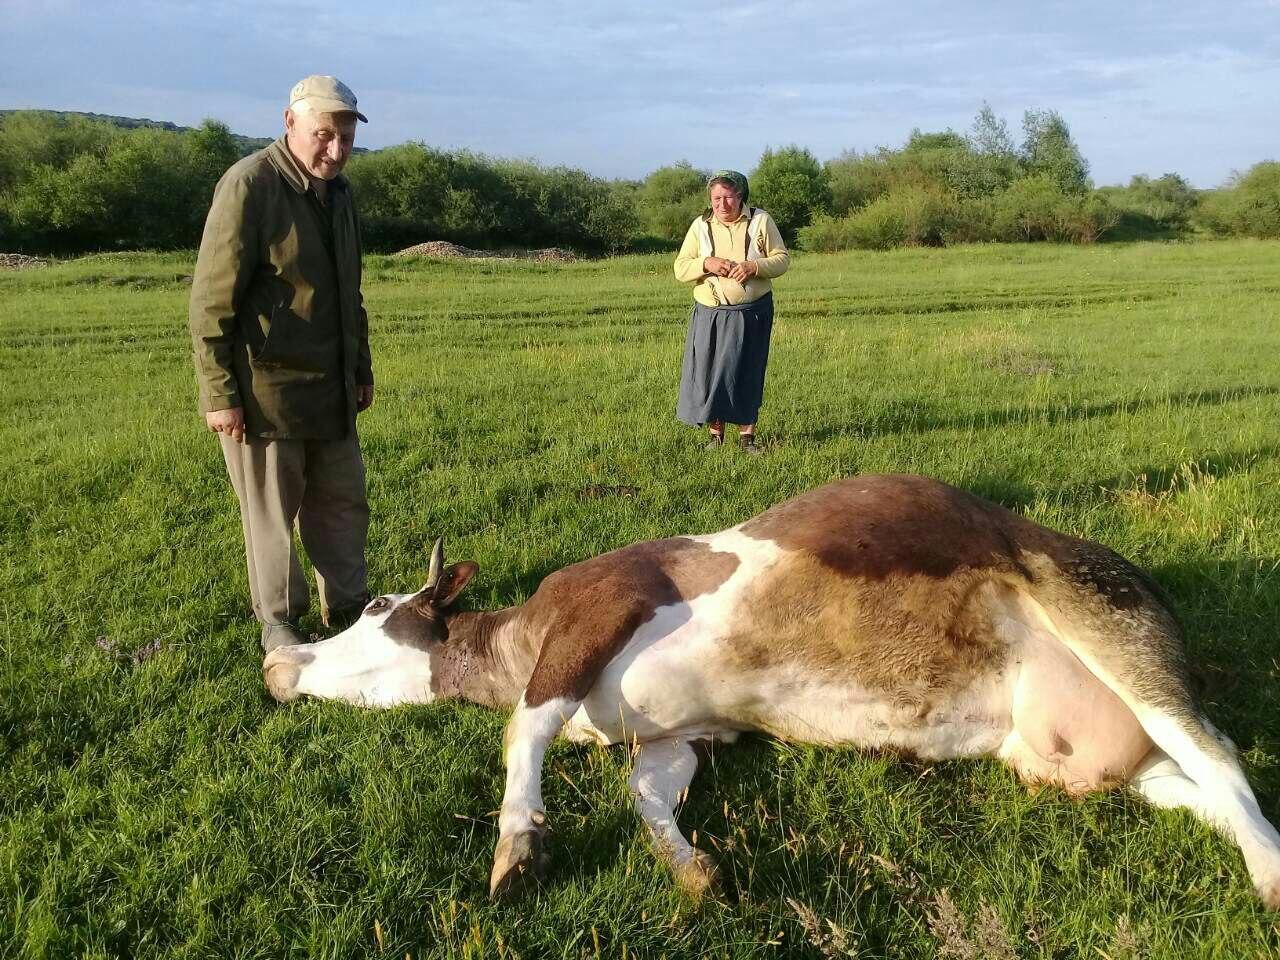 Надзвичайні події, пов'язані із отруєнням людей та захворюванням худоби у Галицькому районі, розслідуватиме спеціальна комісія